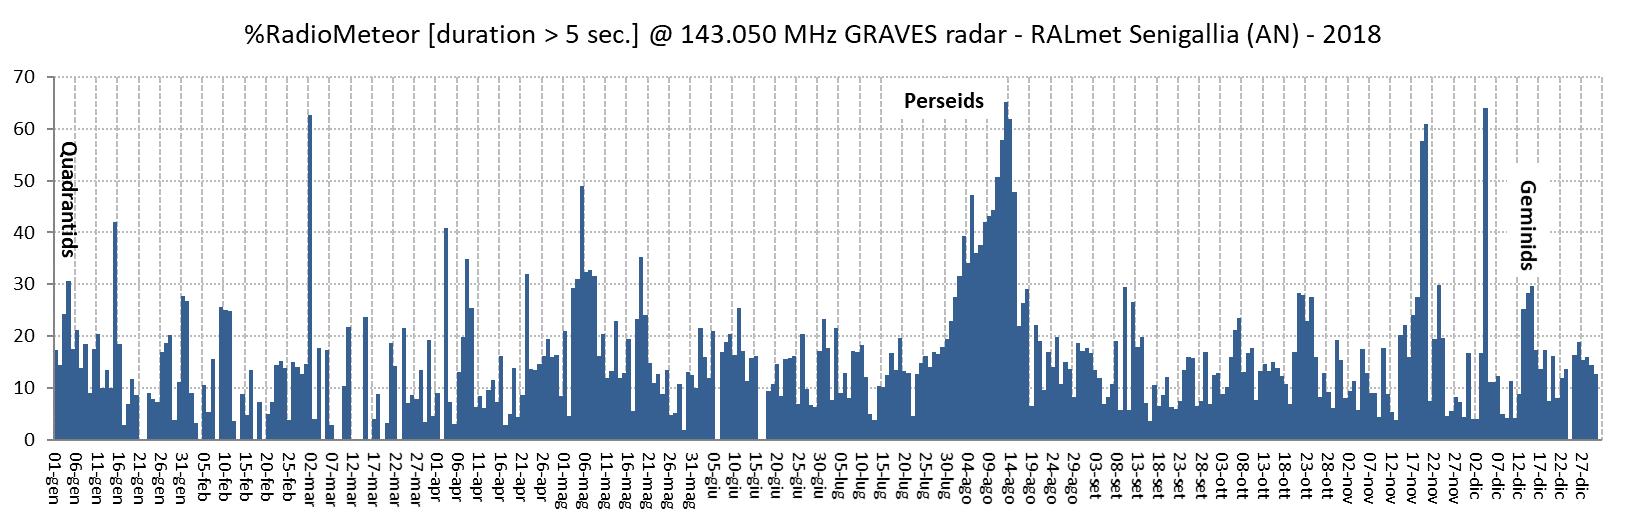 Percentuali giornaliere (anni 2018 e 2019) dei radio-echi con durata superiore a 5 secondi rispetto al numero totale di eventi conteggiati (frazione di eventi brillanti e massicci registrati in un giorno rispetto al totale).